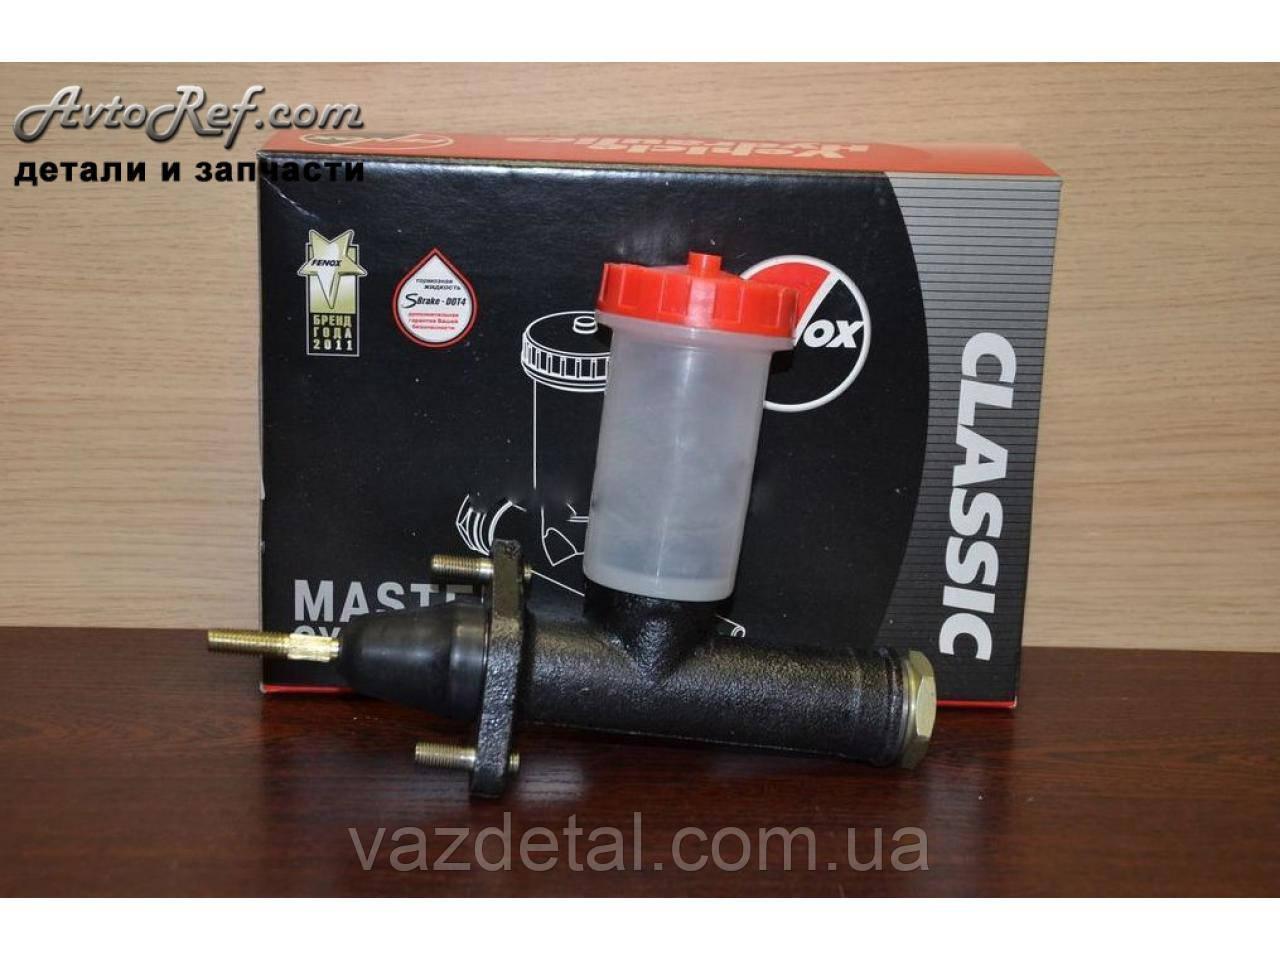 Цилиндр сцепление главный Волга Газель ГАЗ с бачком d=10 (Fenox) С2218.5С3